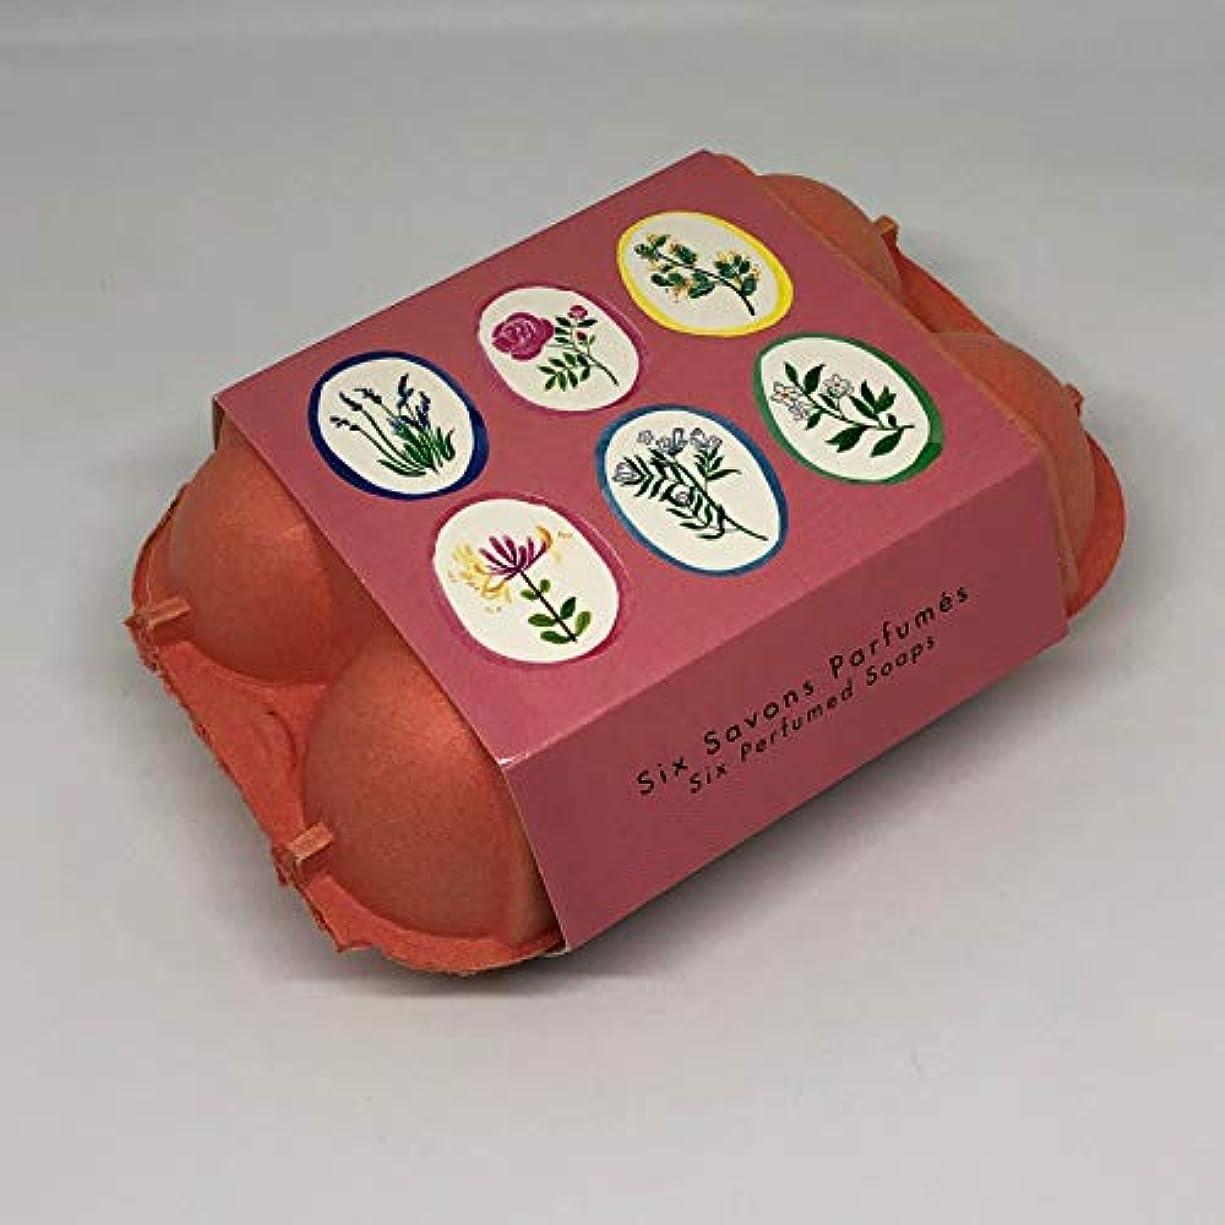 突撃アナログ必要フラゴナール Fragonard 卵型ソープセット 50g×6個 フランス直輸入 PINK